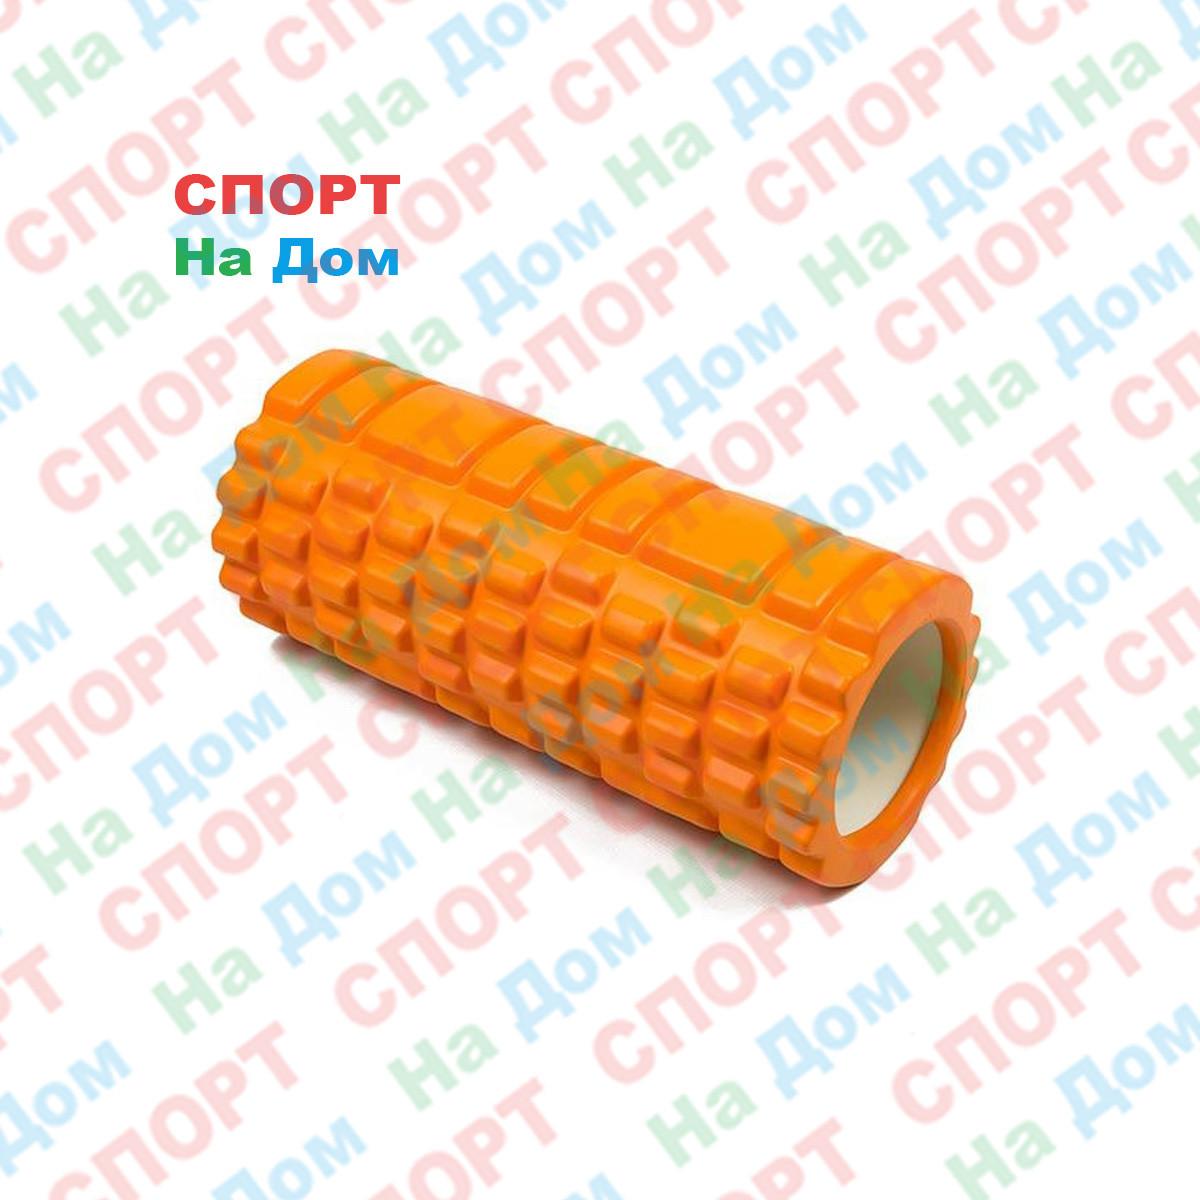 Массажный валик (ролик) для фитнеса и йоги 33 см (цвет оранжевый)